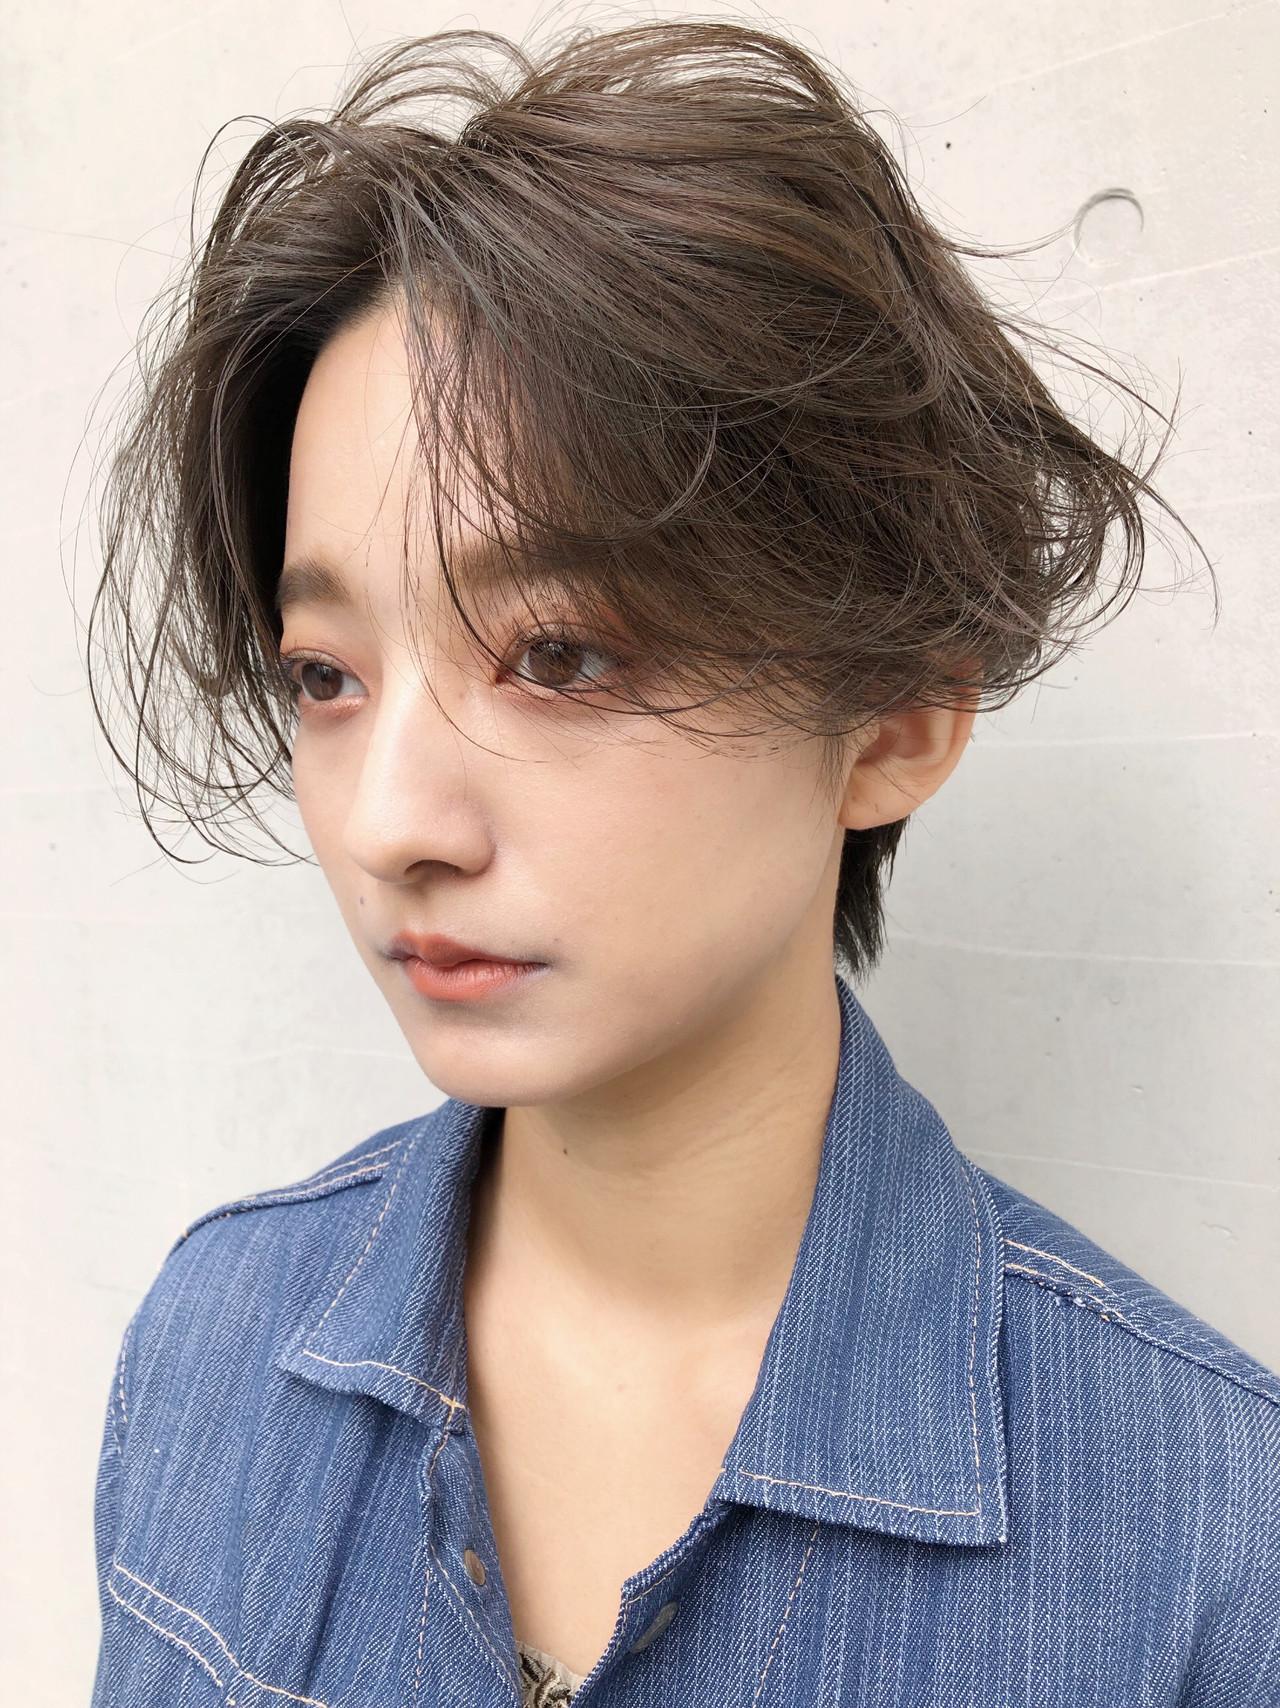 マッシュショート パーマ オフィス アンニュイほつれヘア ヘアスタイルや髪型の写真・画像